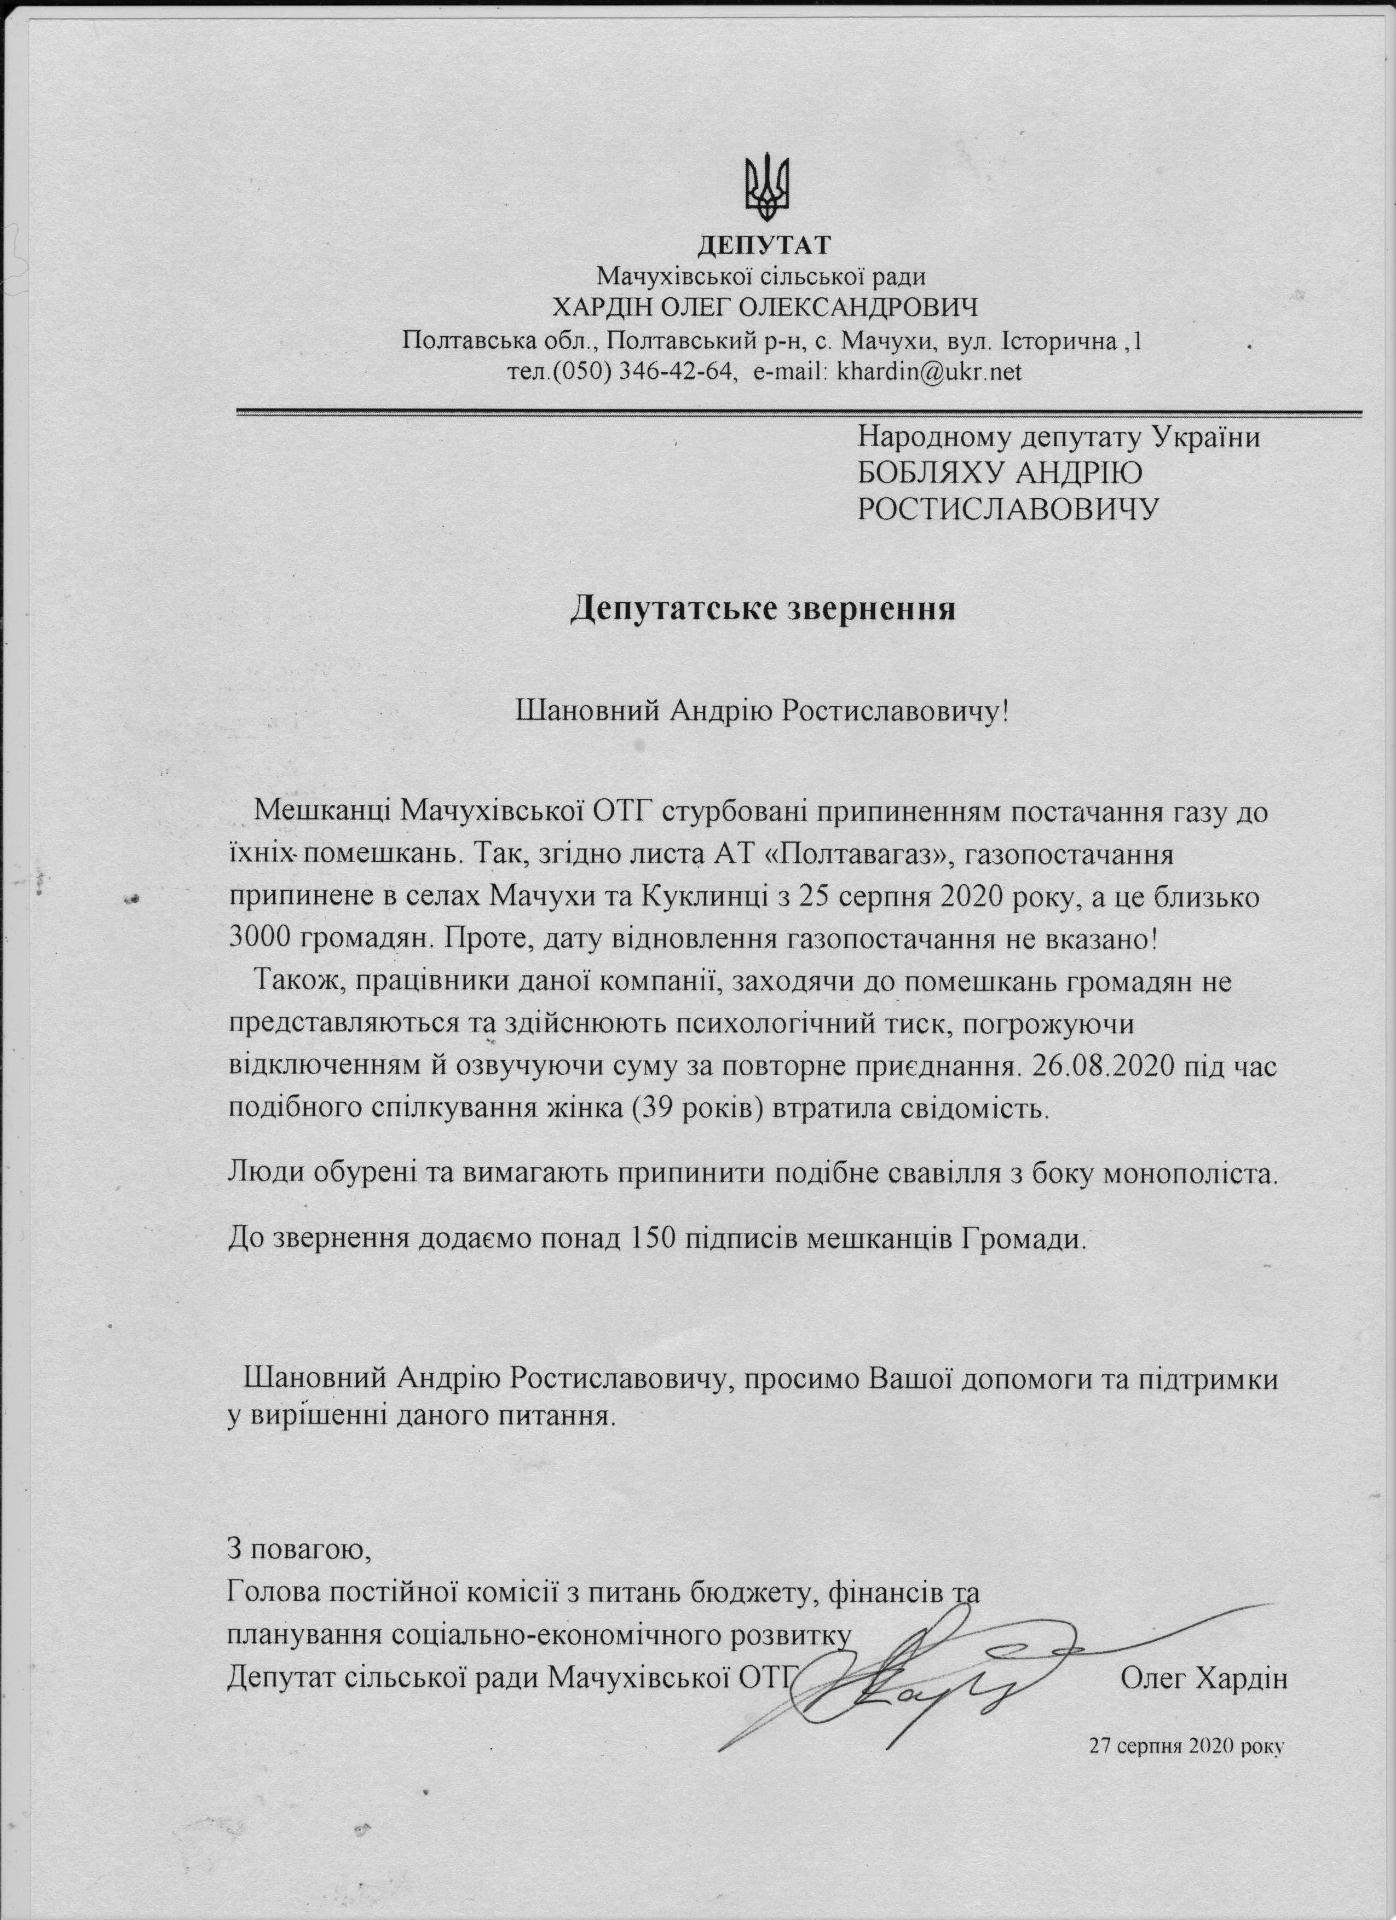 Звернення до народного депутата України Андрія Бобляха